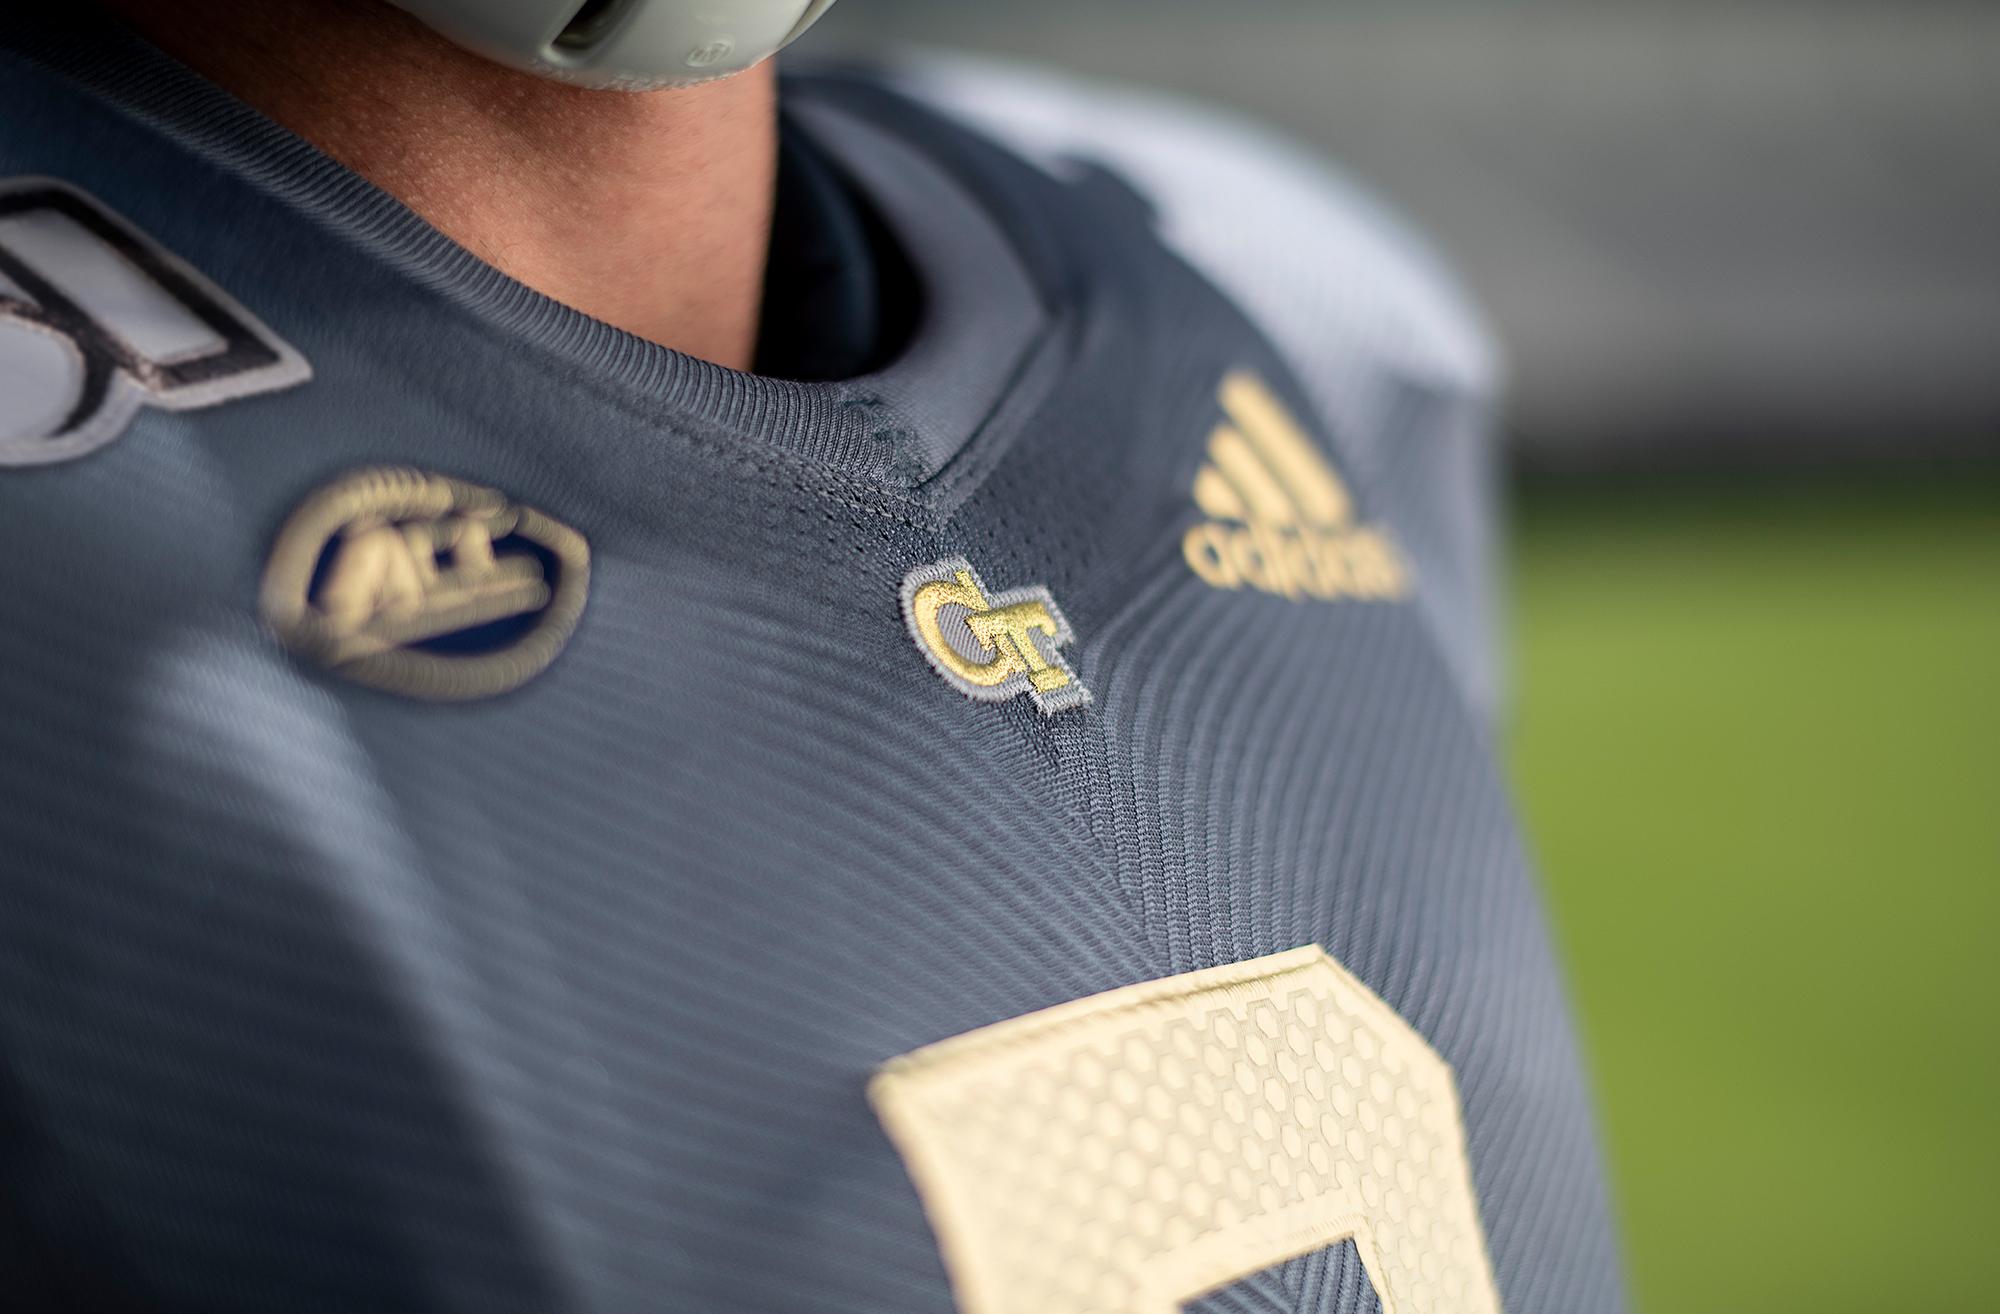 adidas_NCAA_Football_OnField_Detail_GATech4_2000x1314.jpg